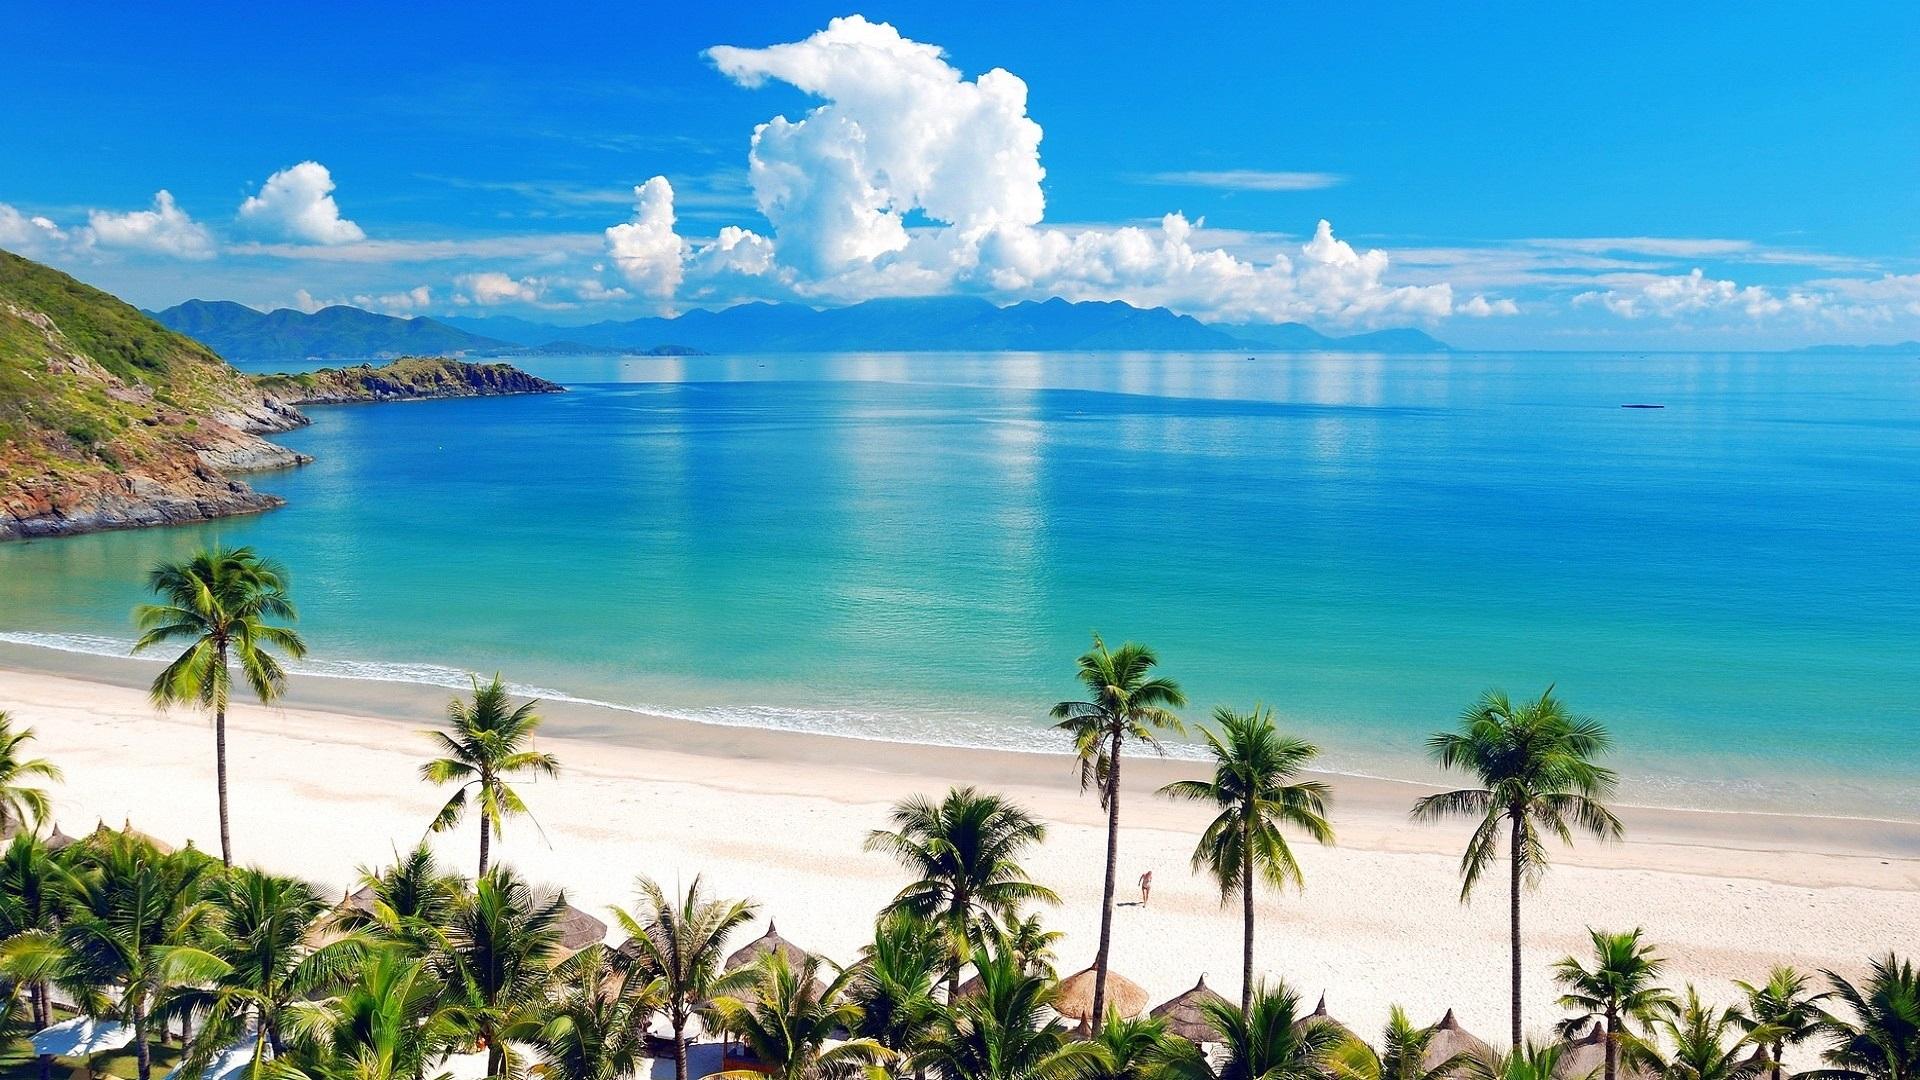 المعلومات الكاريبي 2018 1525179804712.jpg